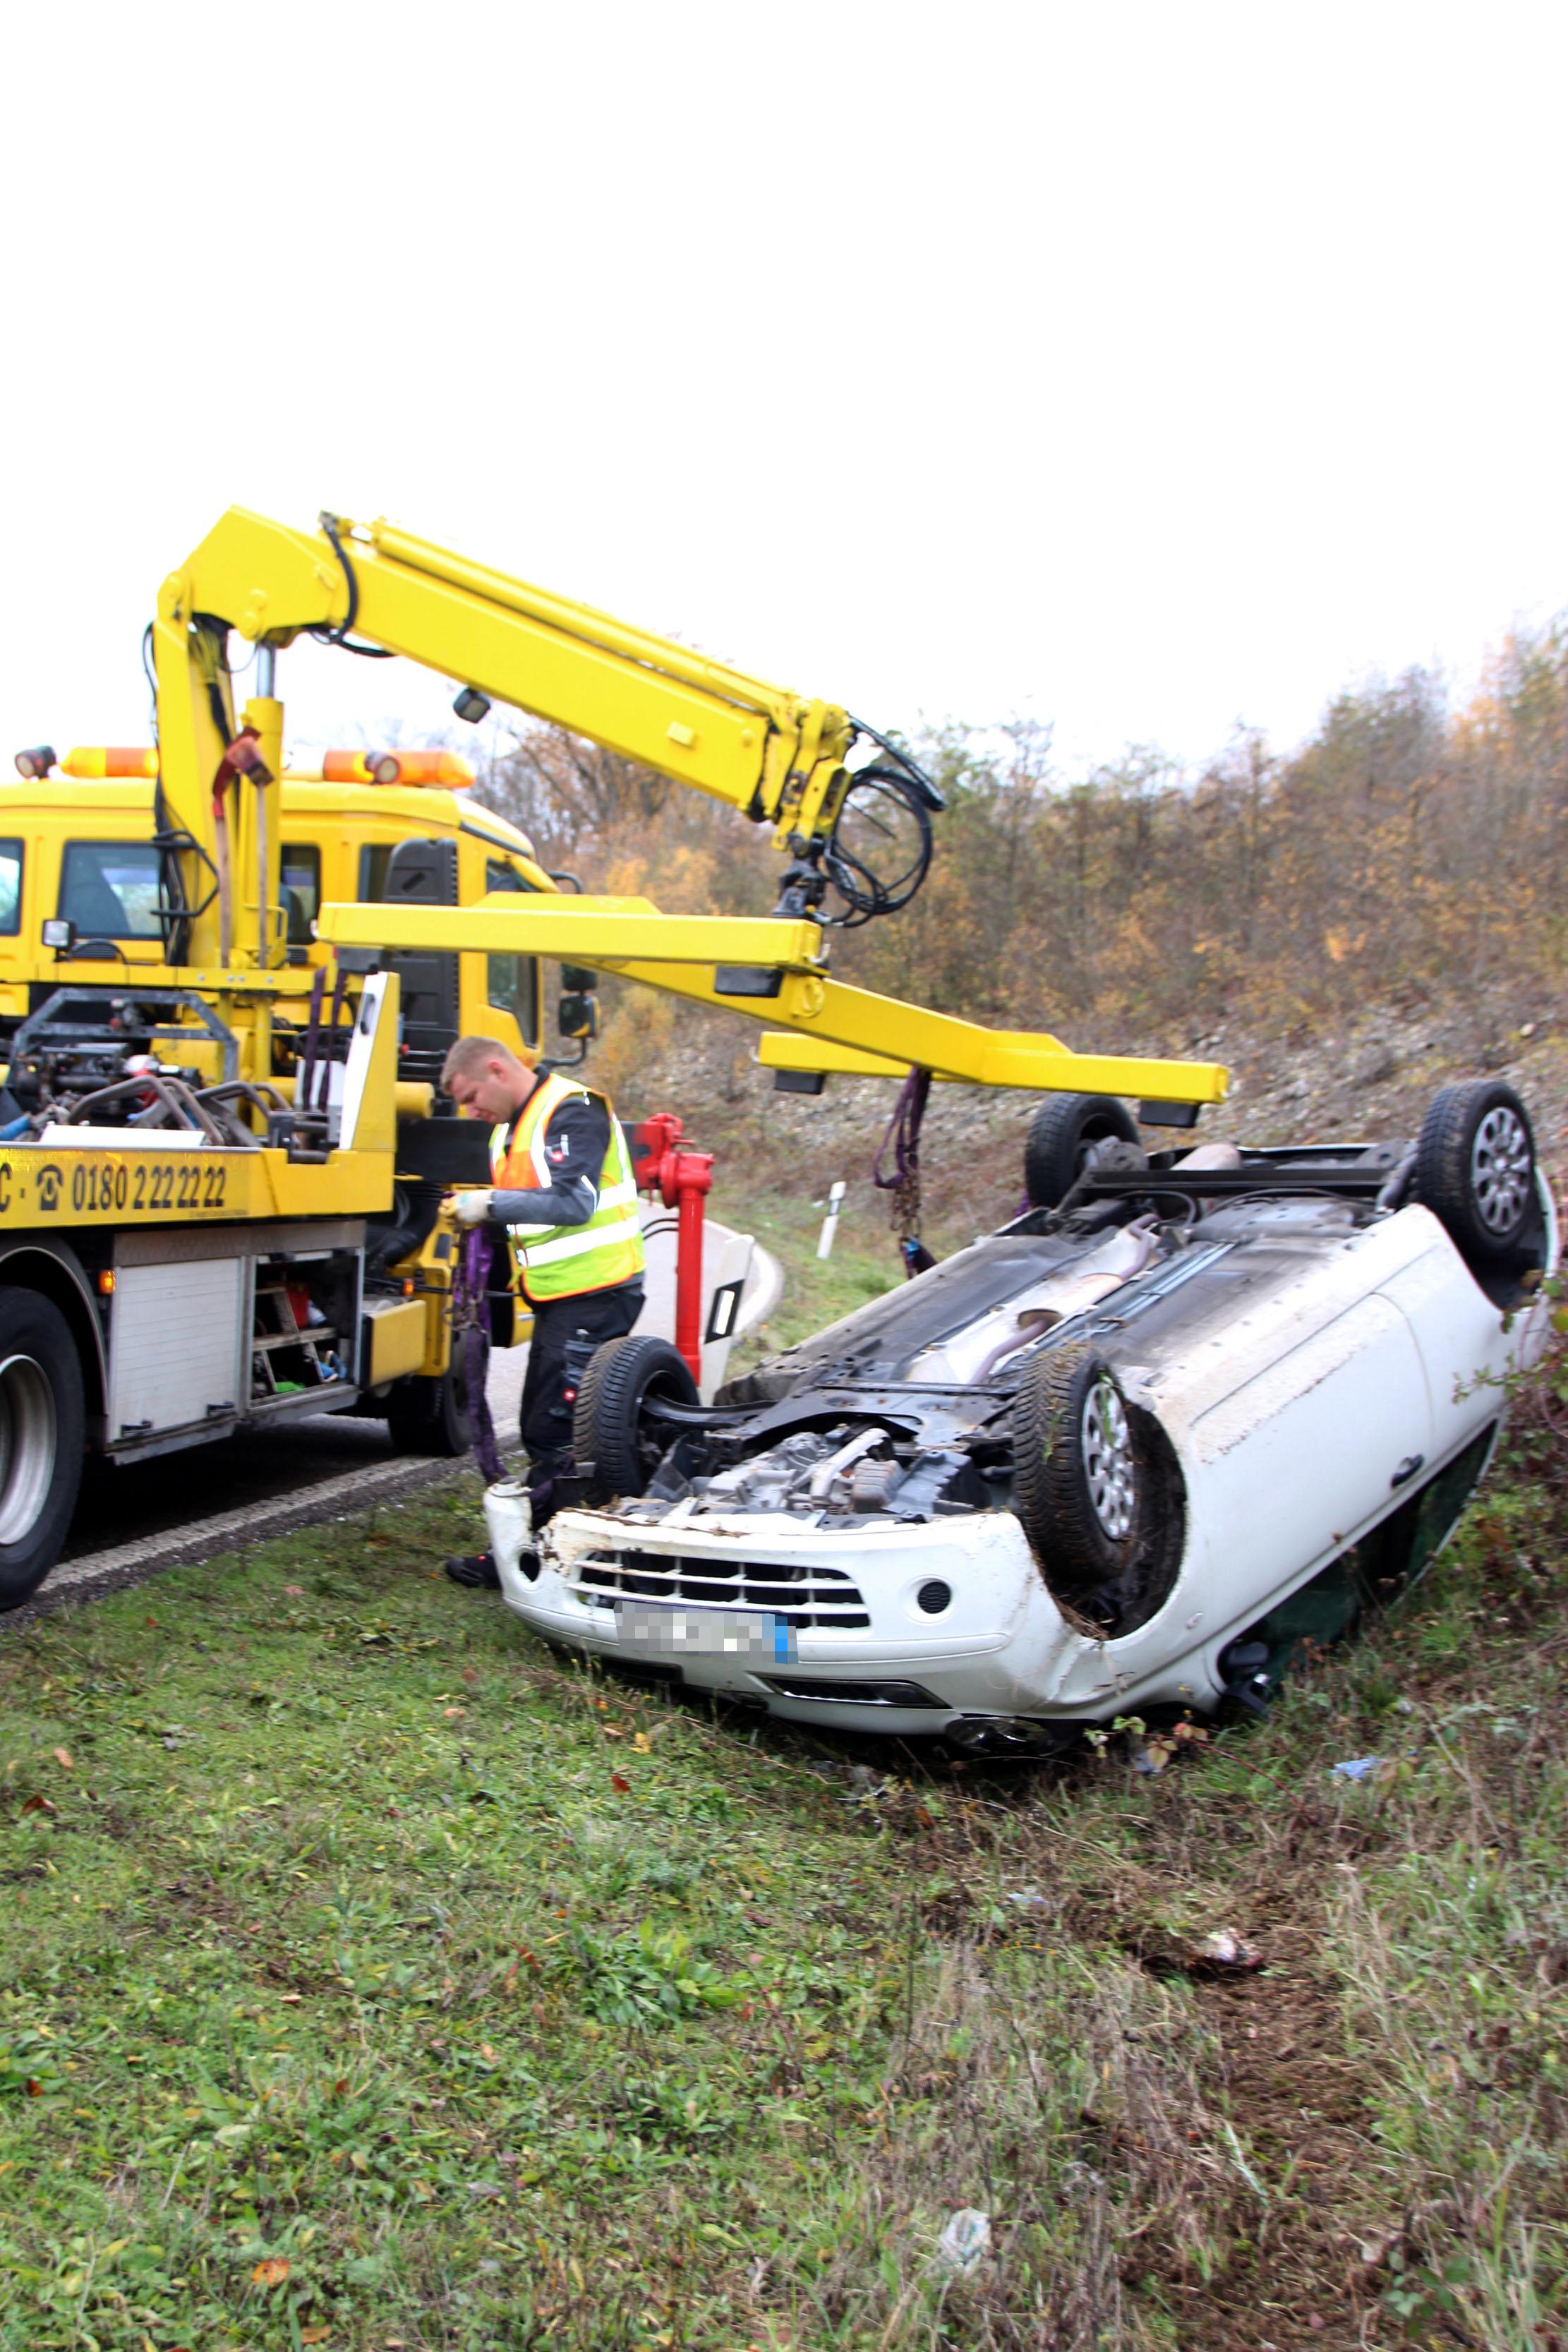 Eine kleine Unachtsamkeit kombiniert mit einer rutschigen Fahrbahn und schnell kommte es zu einem Unfall.